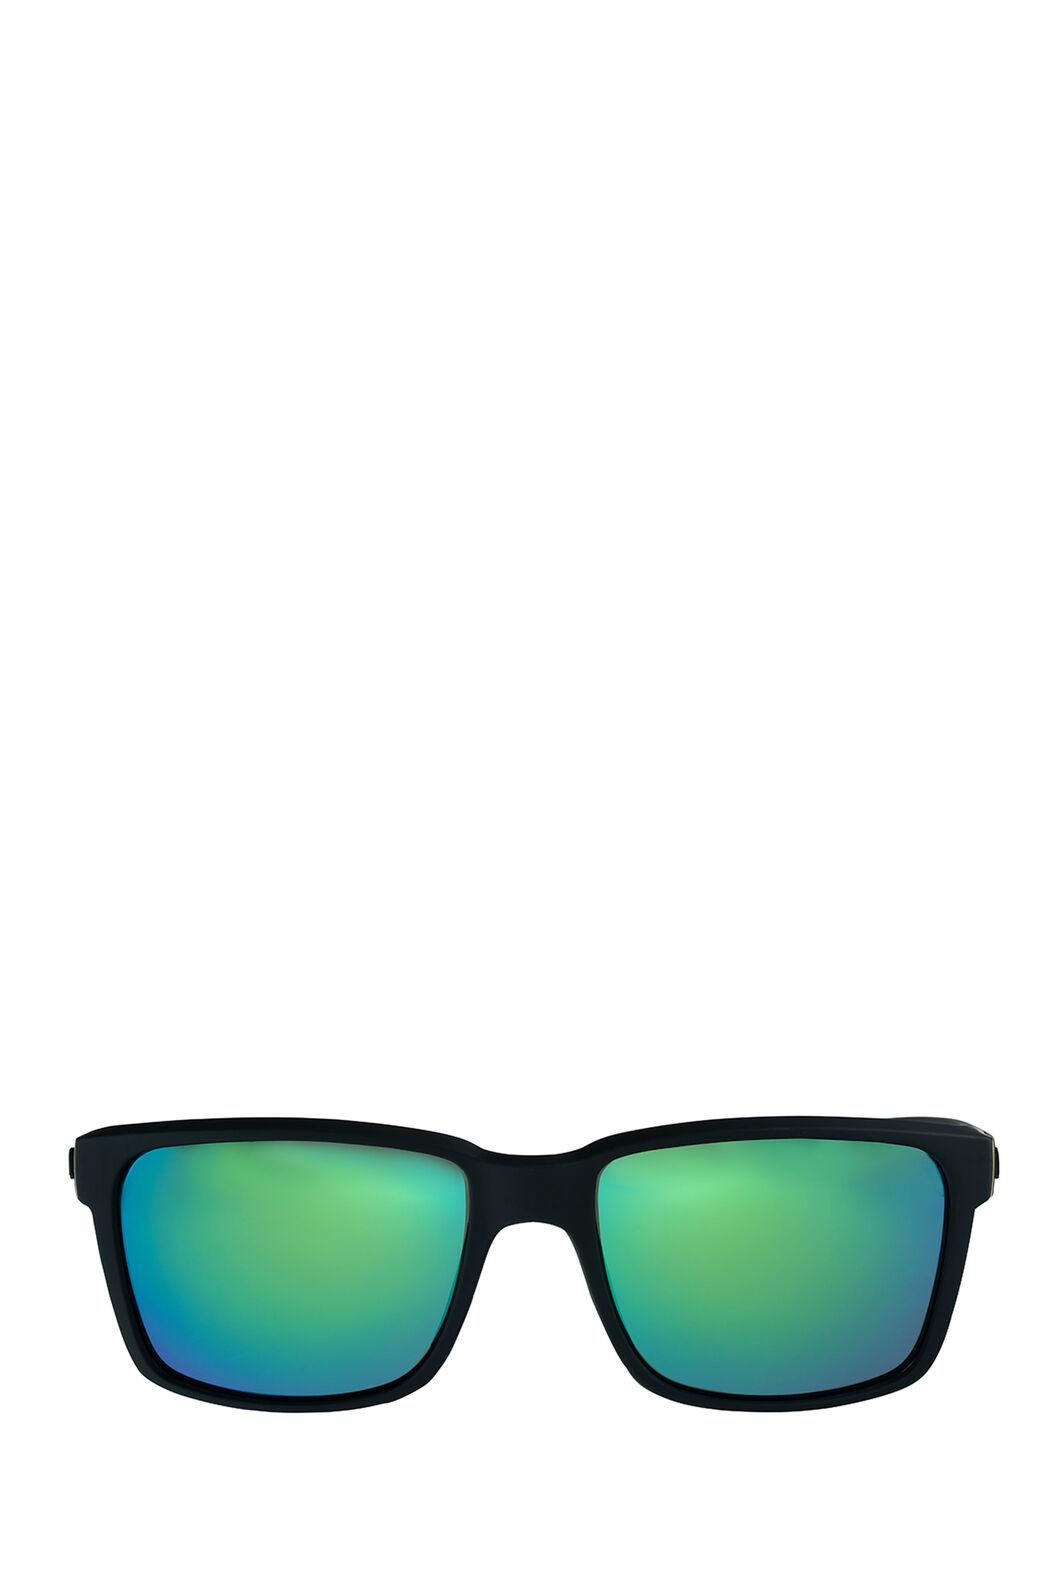 Liive Vision Moto Polarised Mirror Sunglasses, Matt Black, hi-res